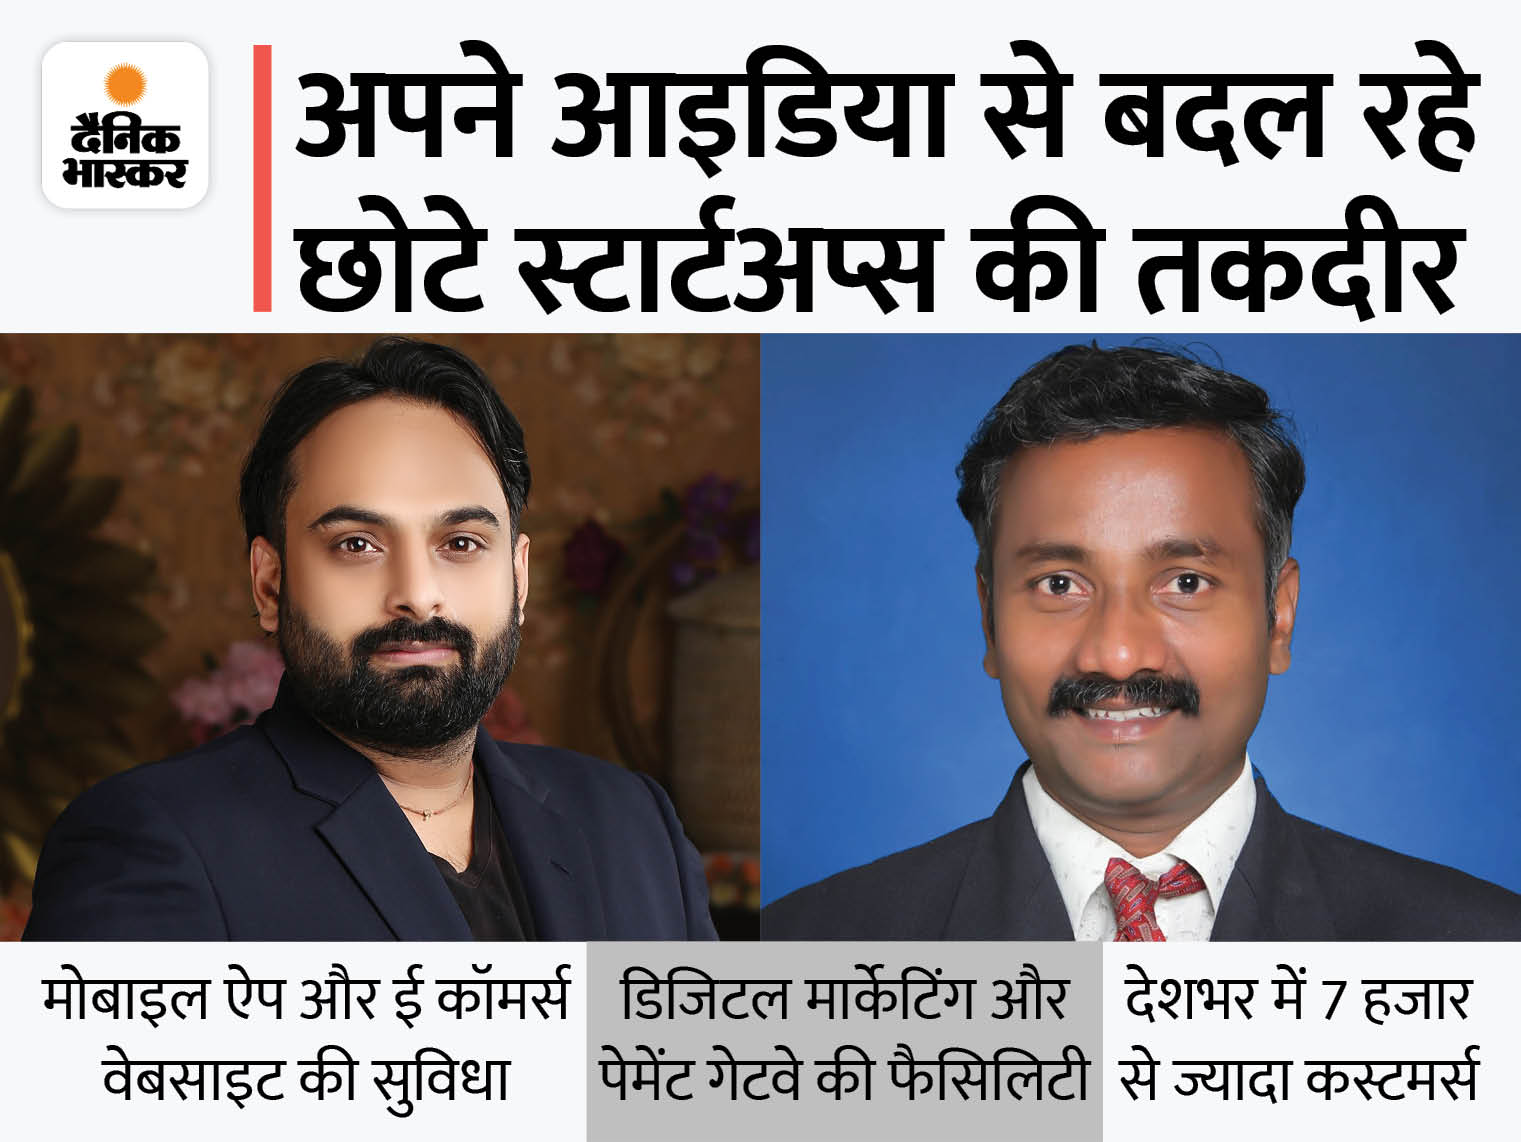 MP के अभिनव ने लॉकडाउन में दोस्त के साथ 50 हजार रुपए की लागत से खुद का स्टार्टअप शुरू किया, पहले ही साल 40 लाख रु. का टर्नओवर|DB ओरिजिनल,DB Original - Dainik Bhaskar